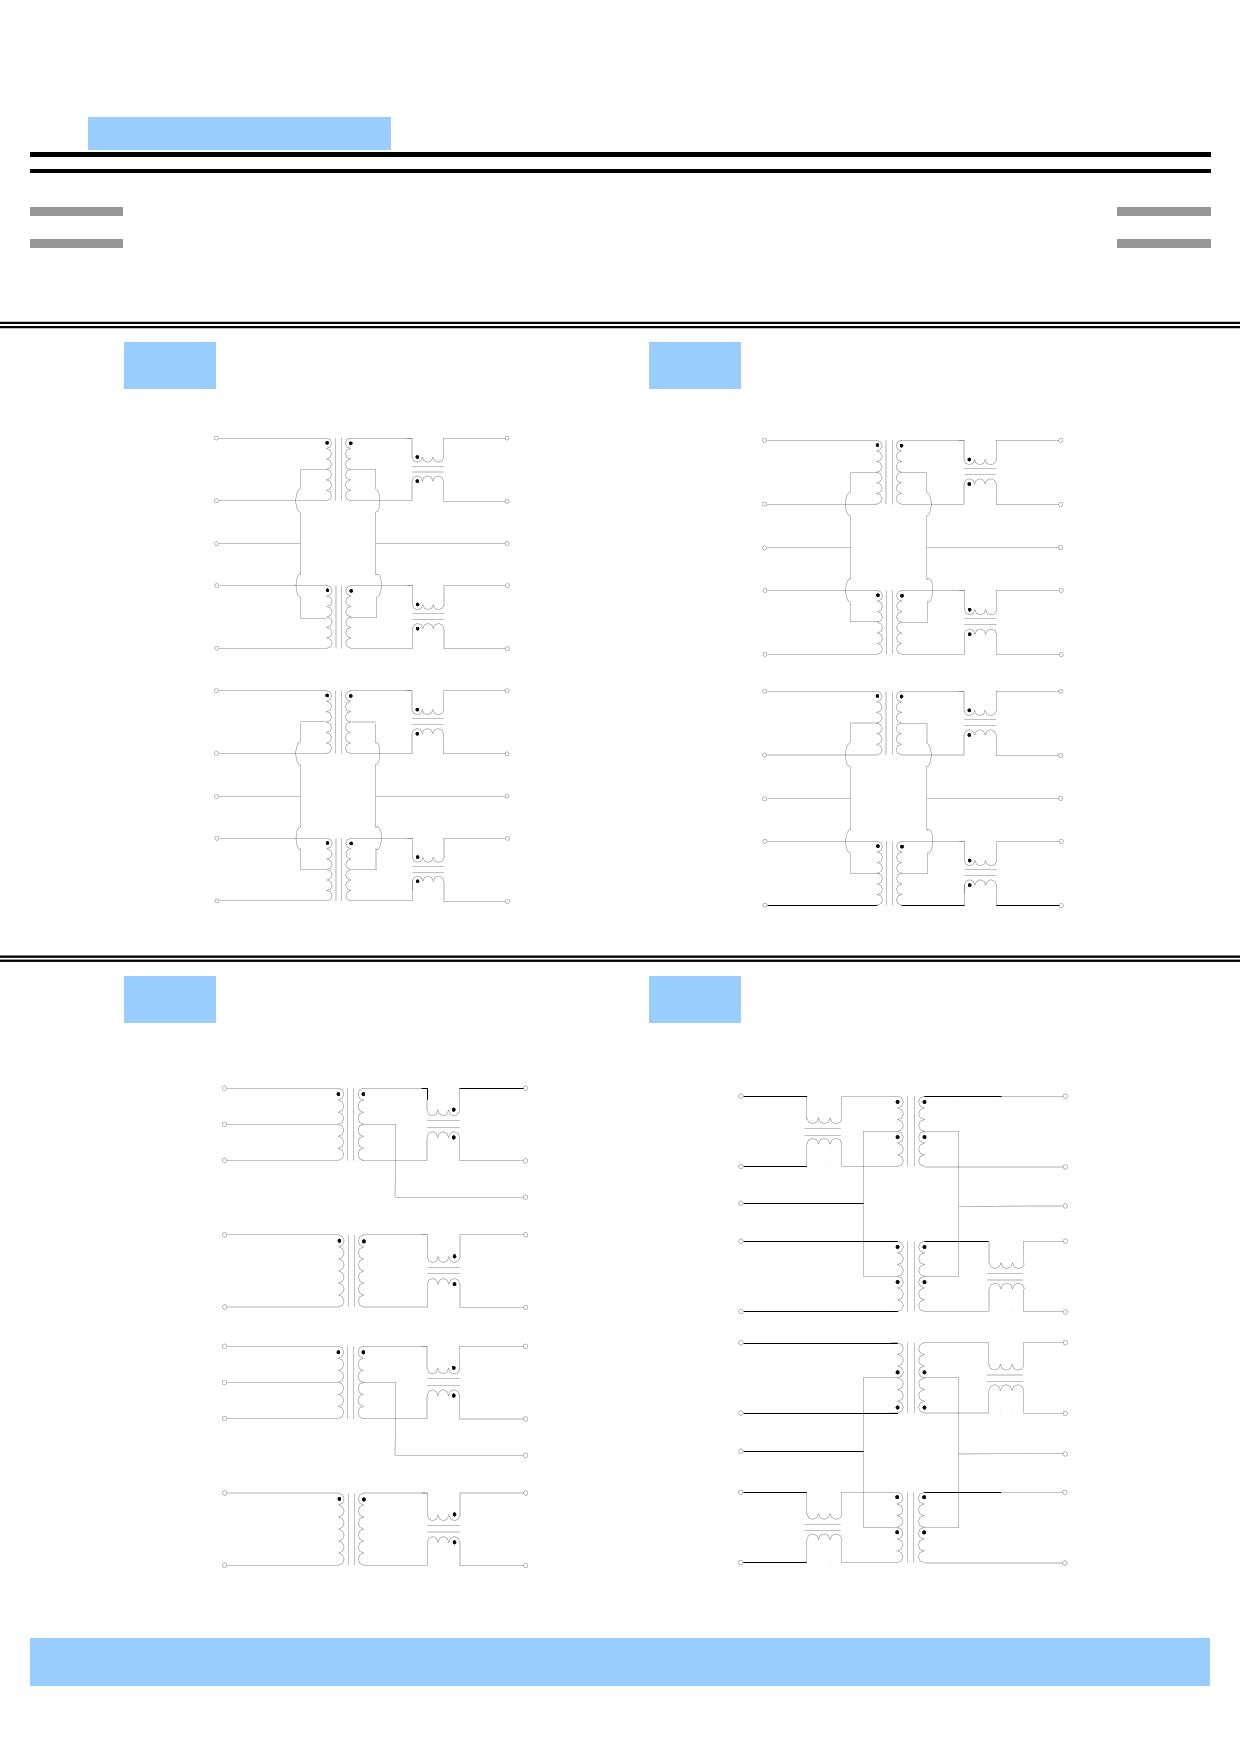 HST-2027DR pdf schematic